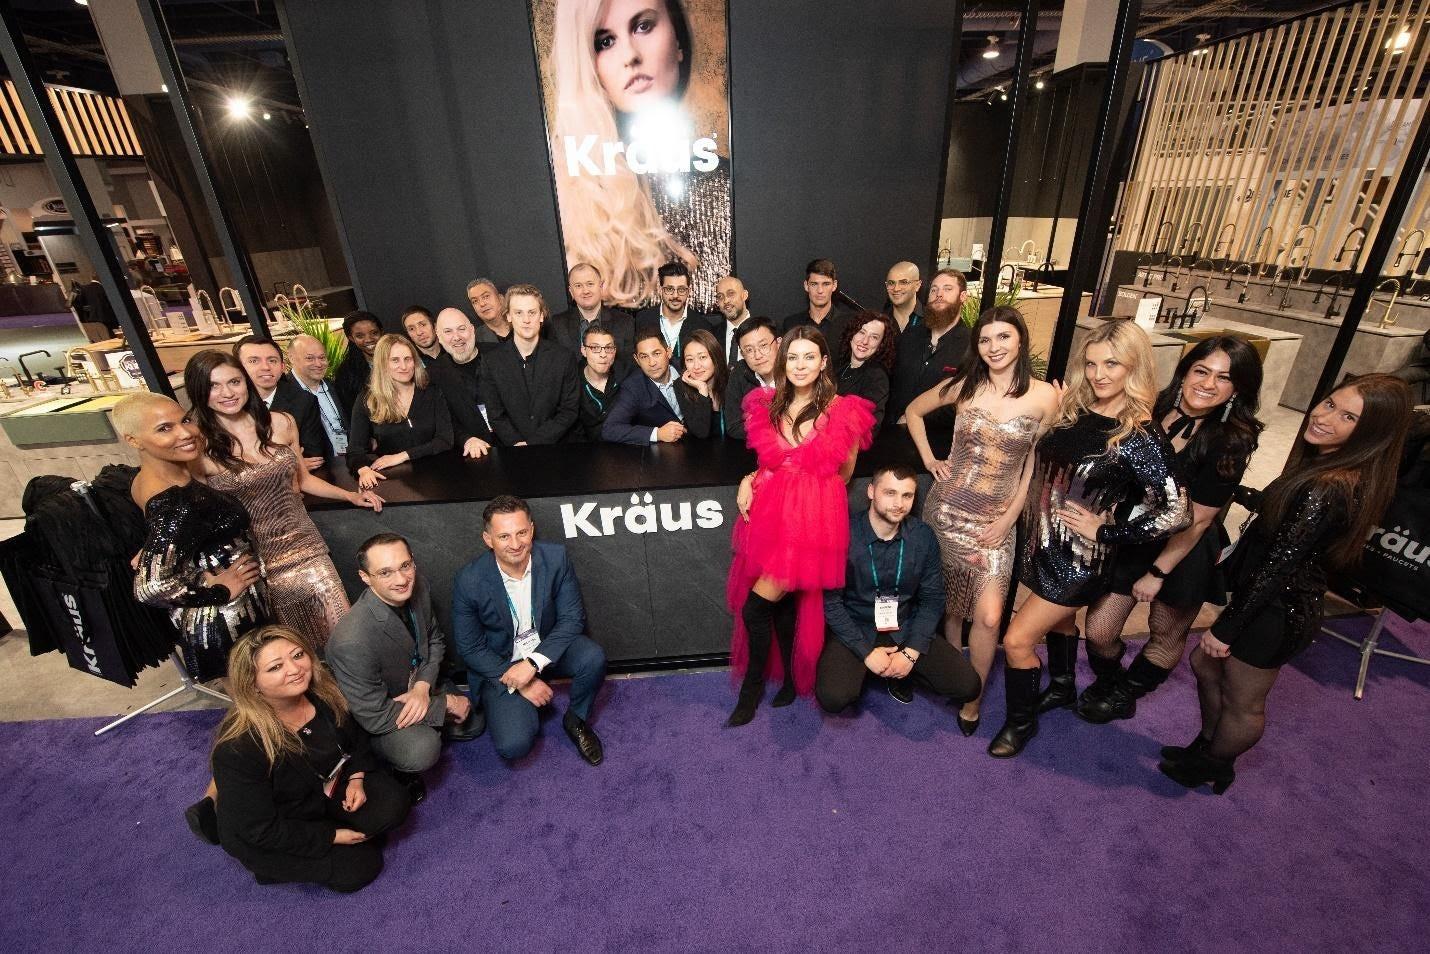 kraus-kbis-2020-team